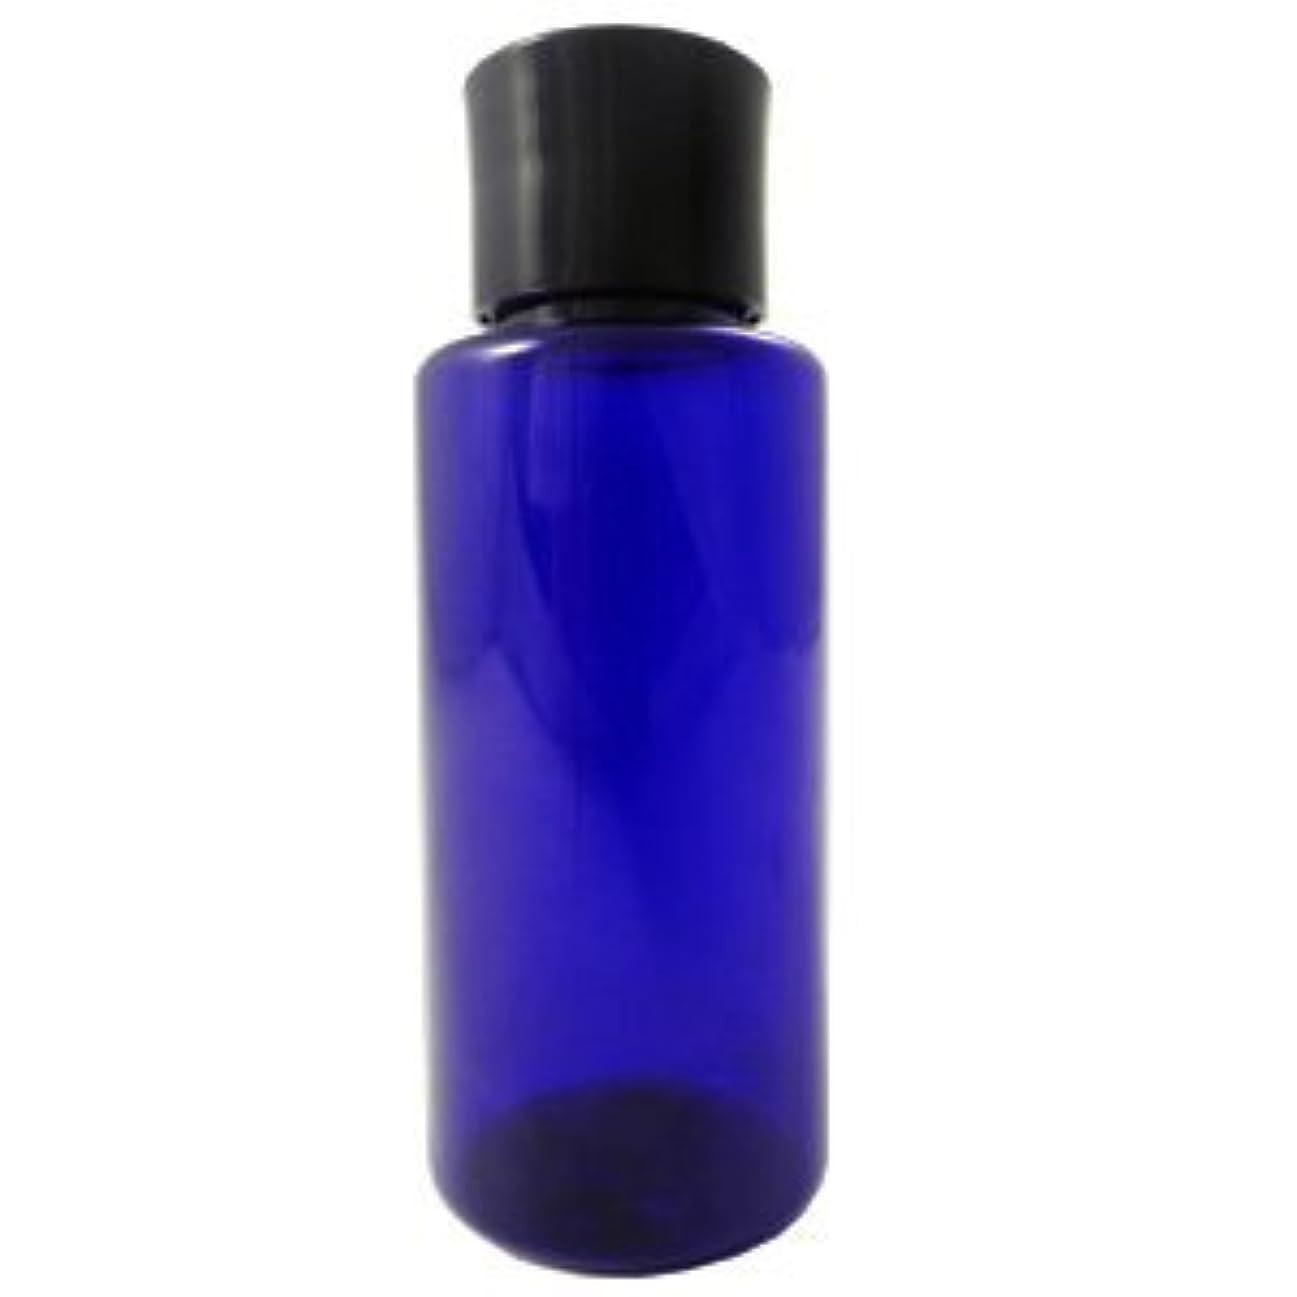 いっぱいシャンプーねばねばPETボトル コバルトブルー (青) 50ml *化粧水用中栓